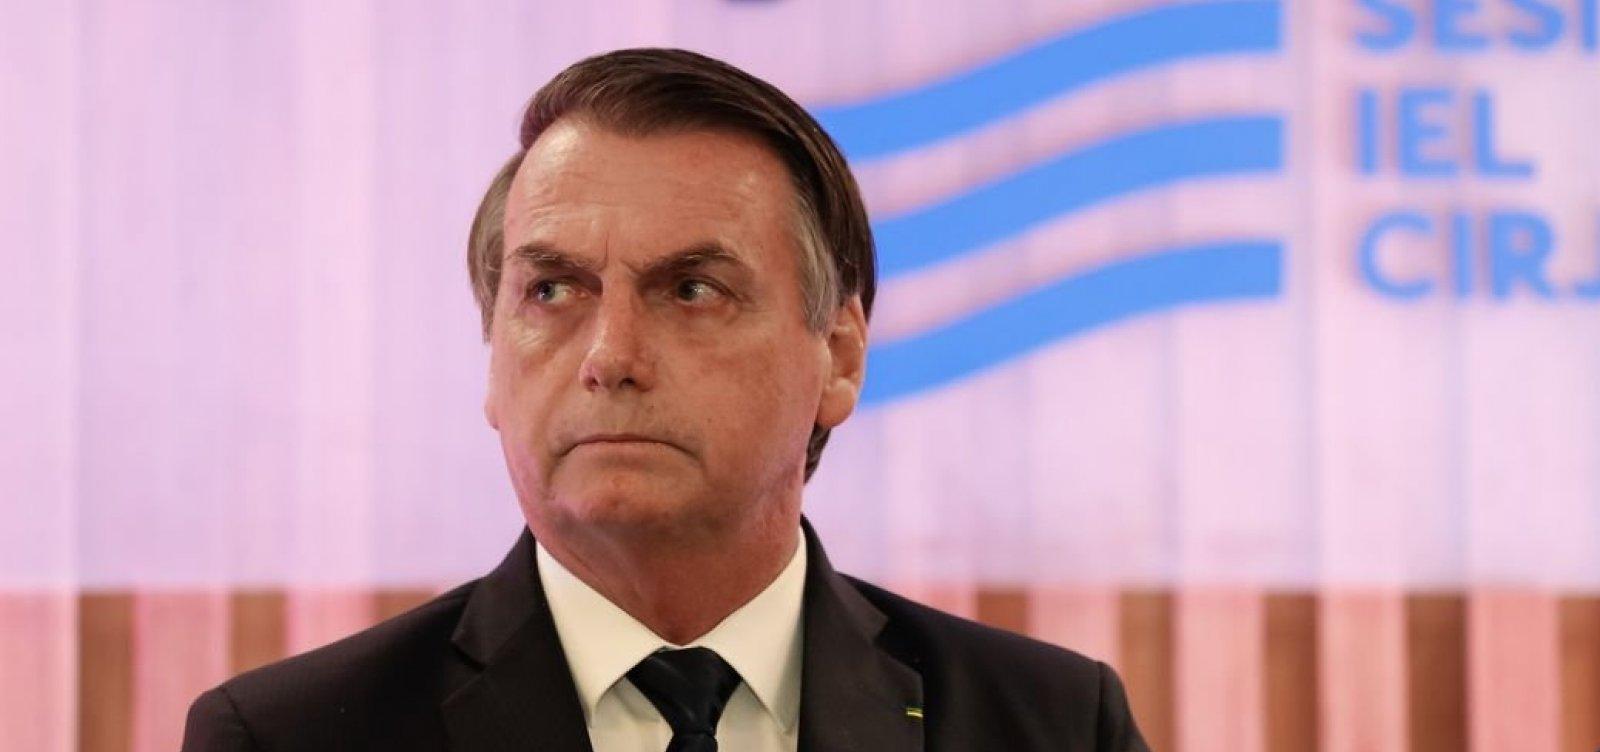 Justiça determina que Bolsonaro indenize Maria do Rosário em 15 dias